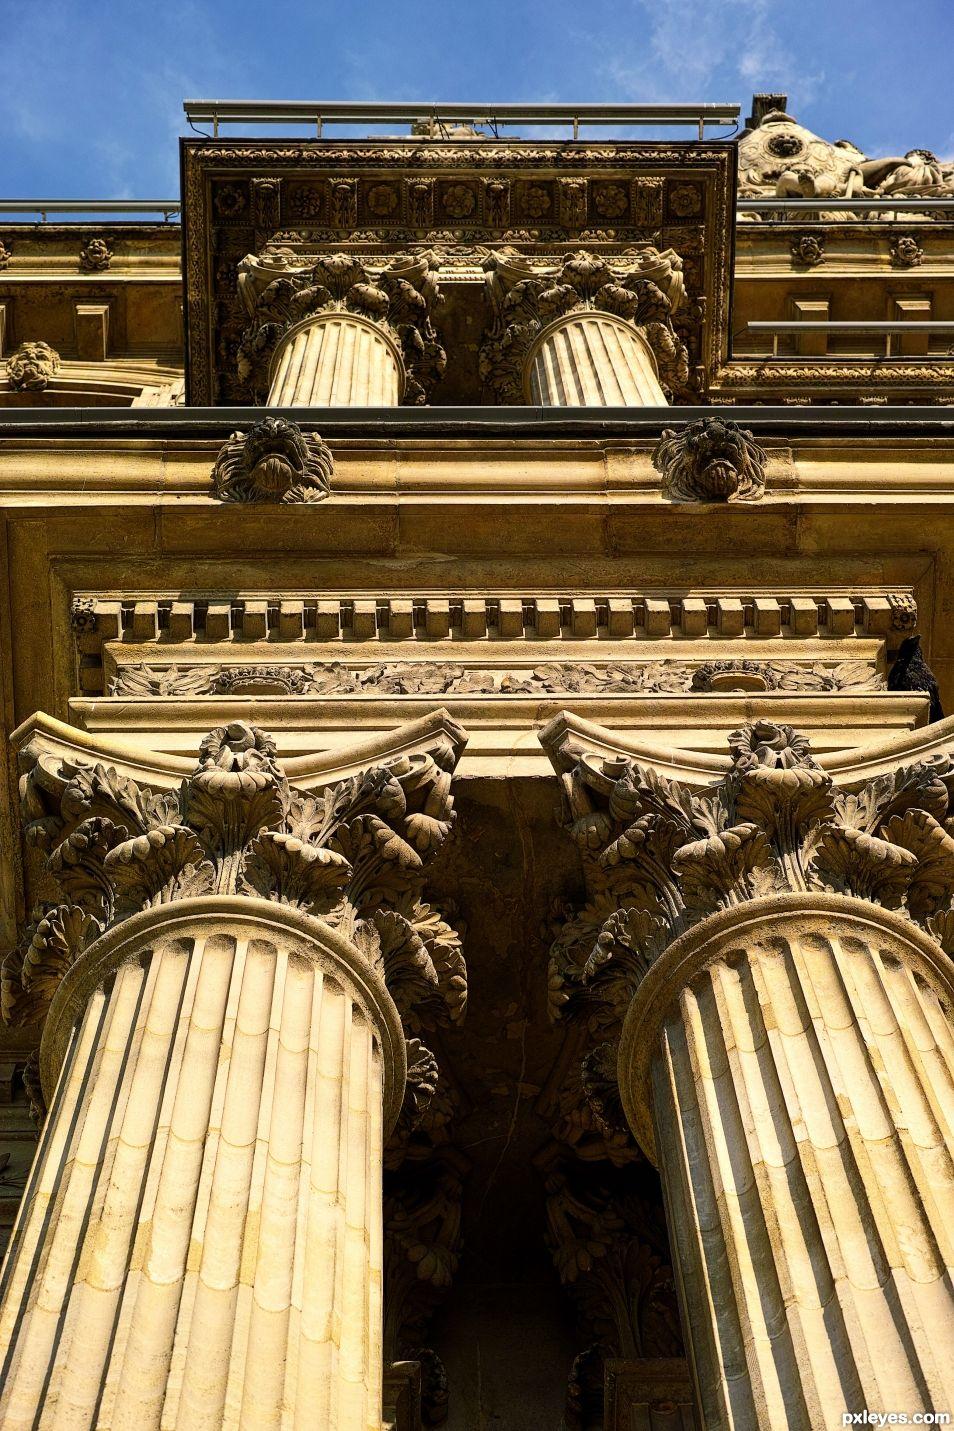 Follow the pillars all the way up